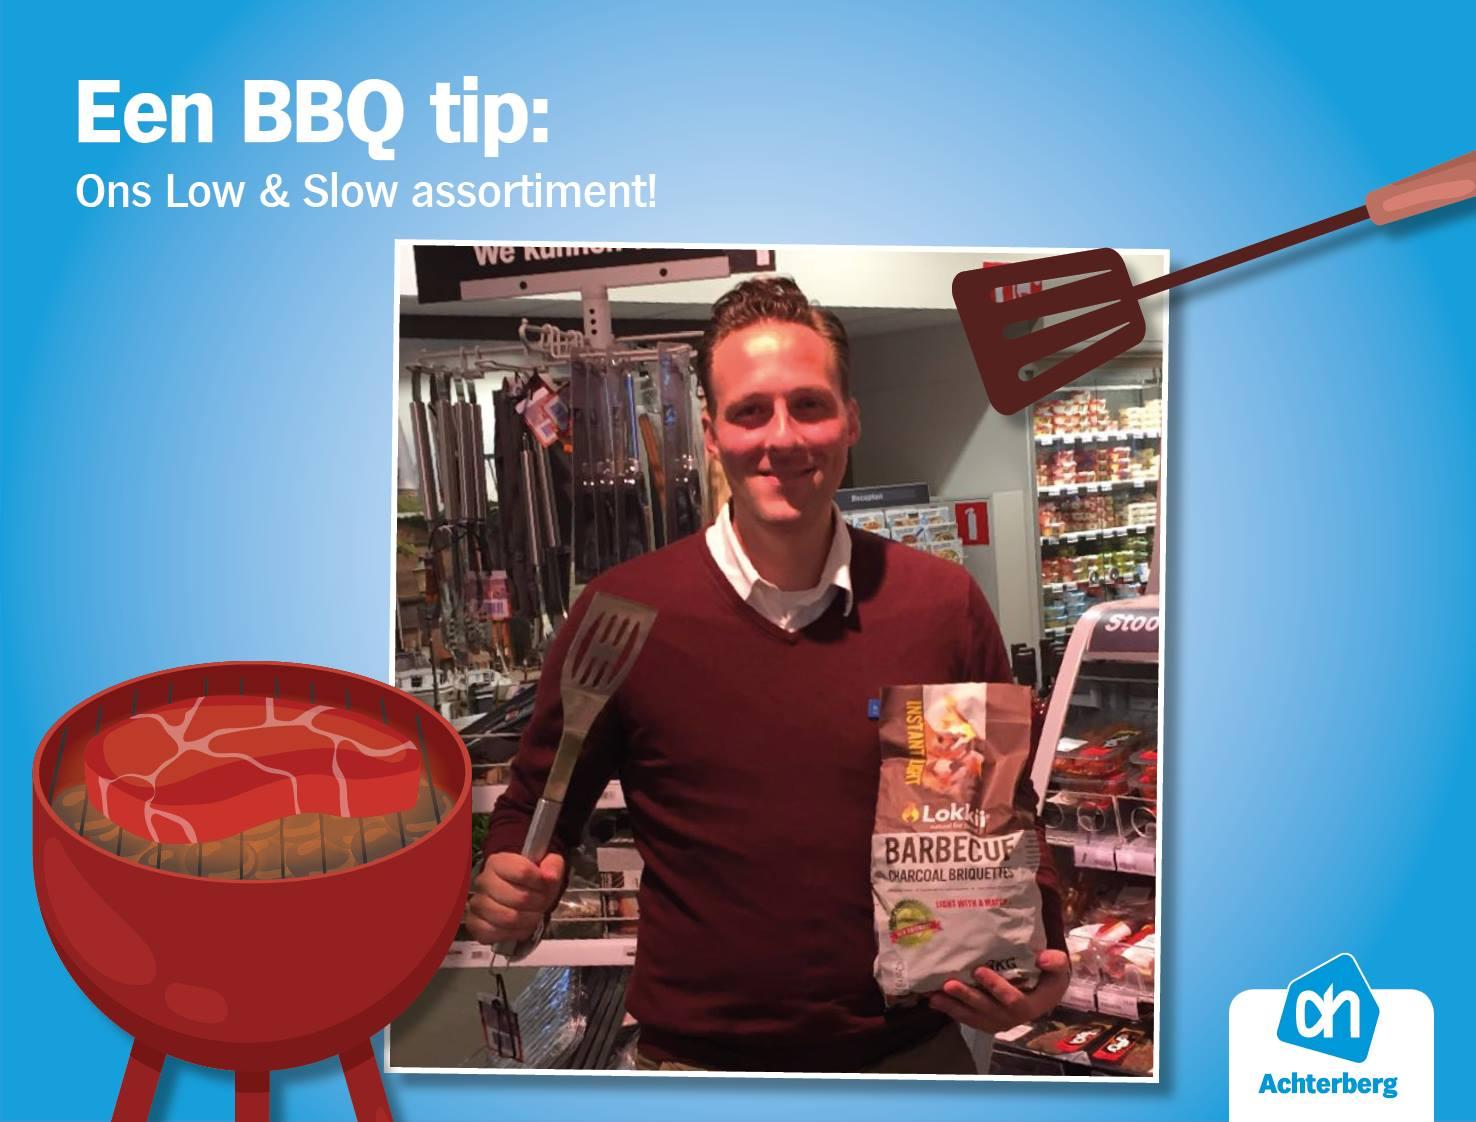 Zou dit weekend de BBQ aan kunnen? Dan hebben wij een tip!